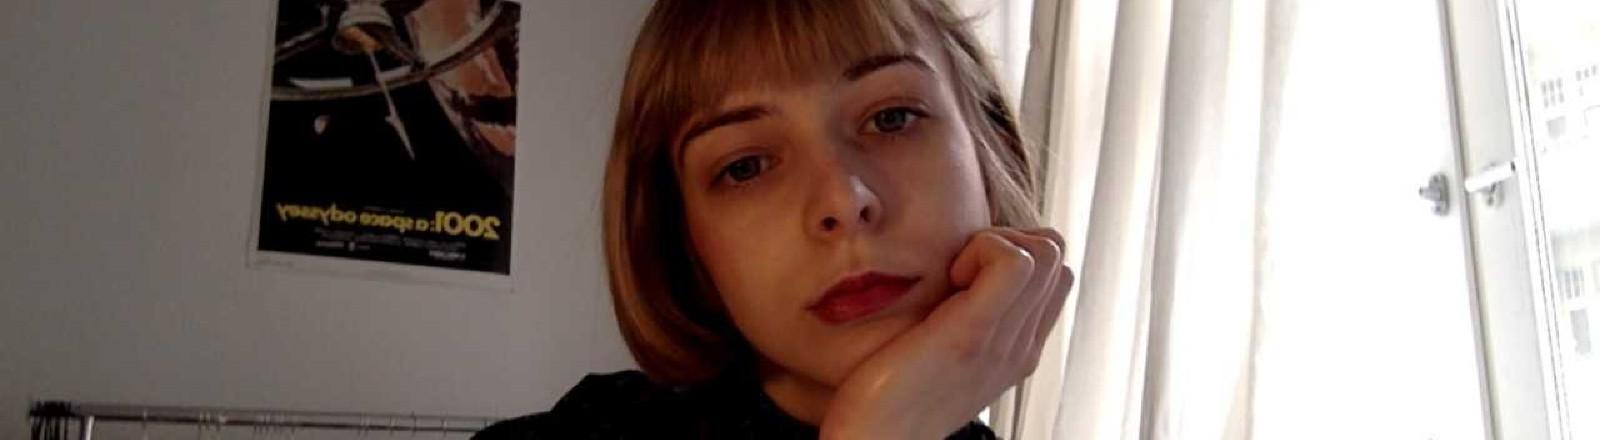 Anna Dreussi macht einen Video-Call.